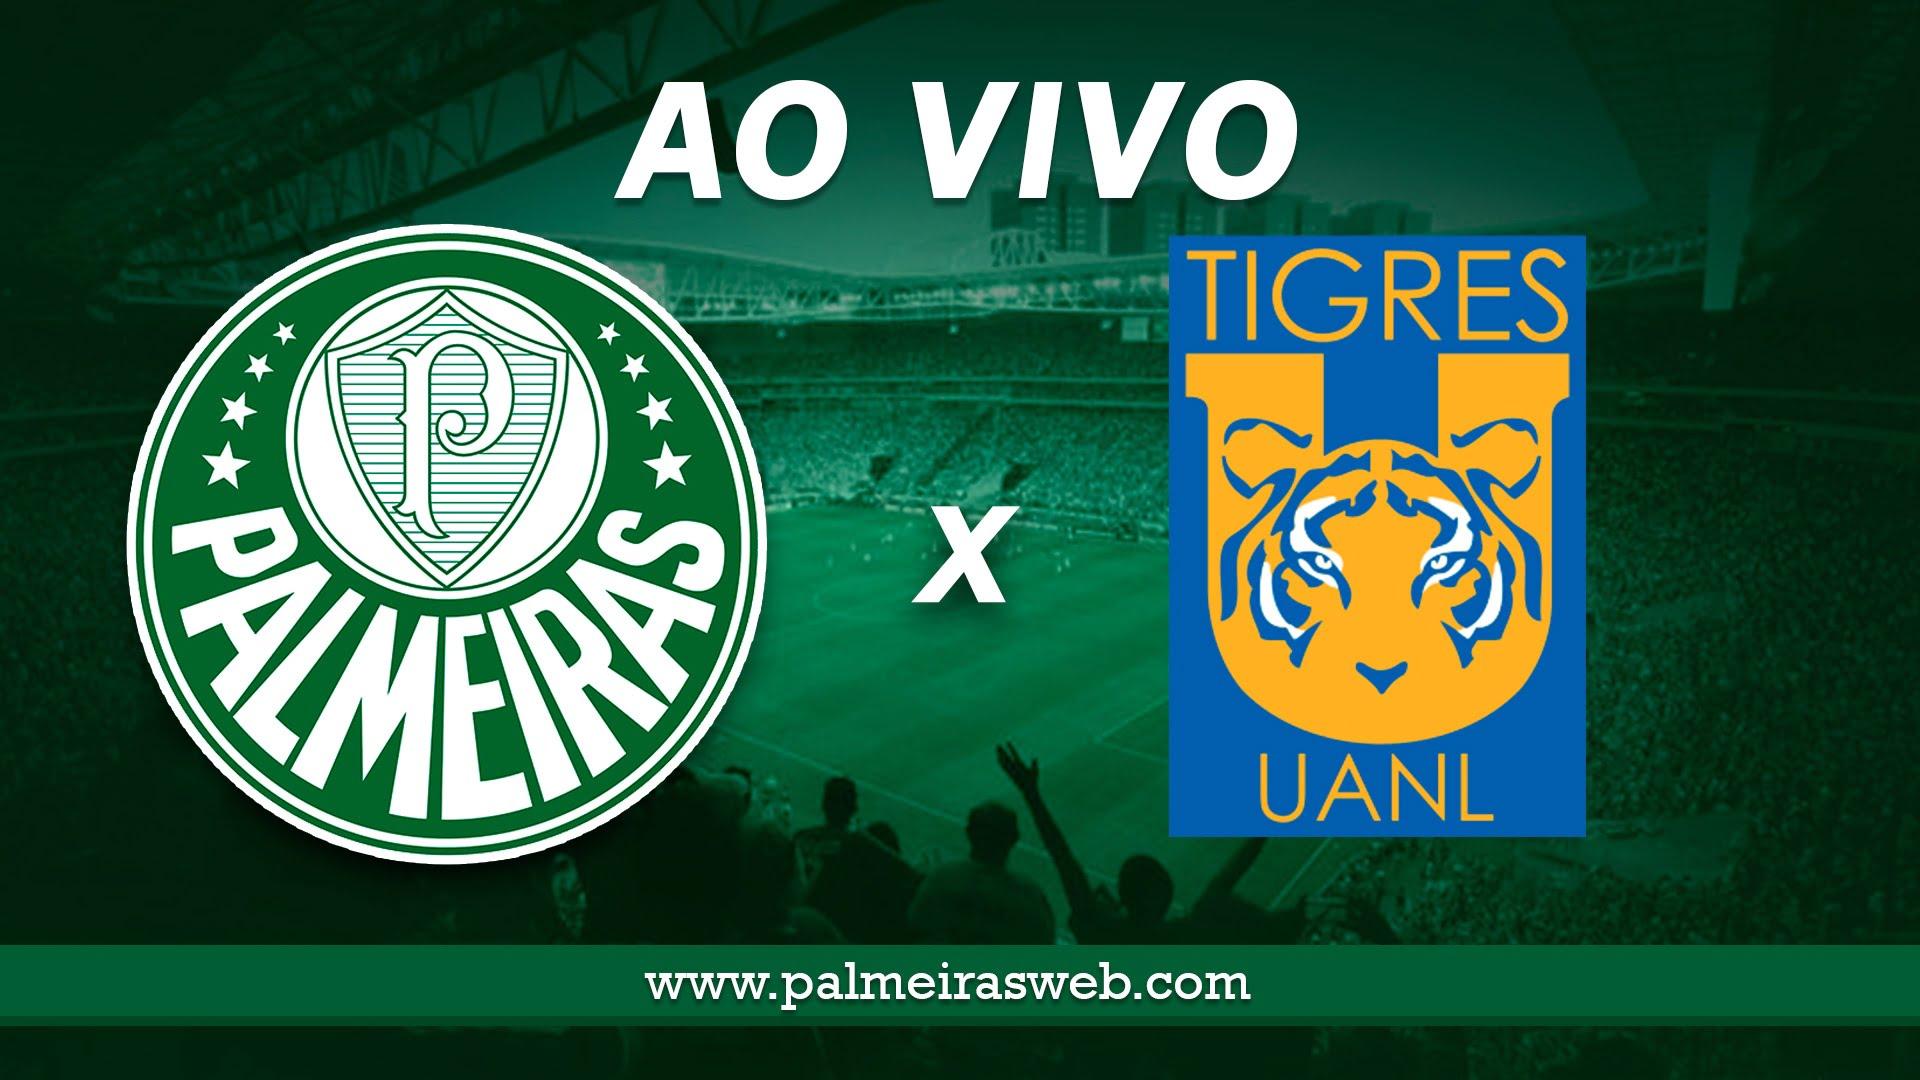 Palmeiras x Tigres AO VIVO